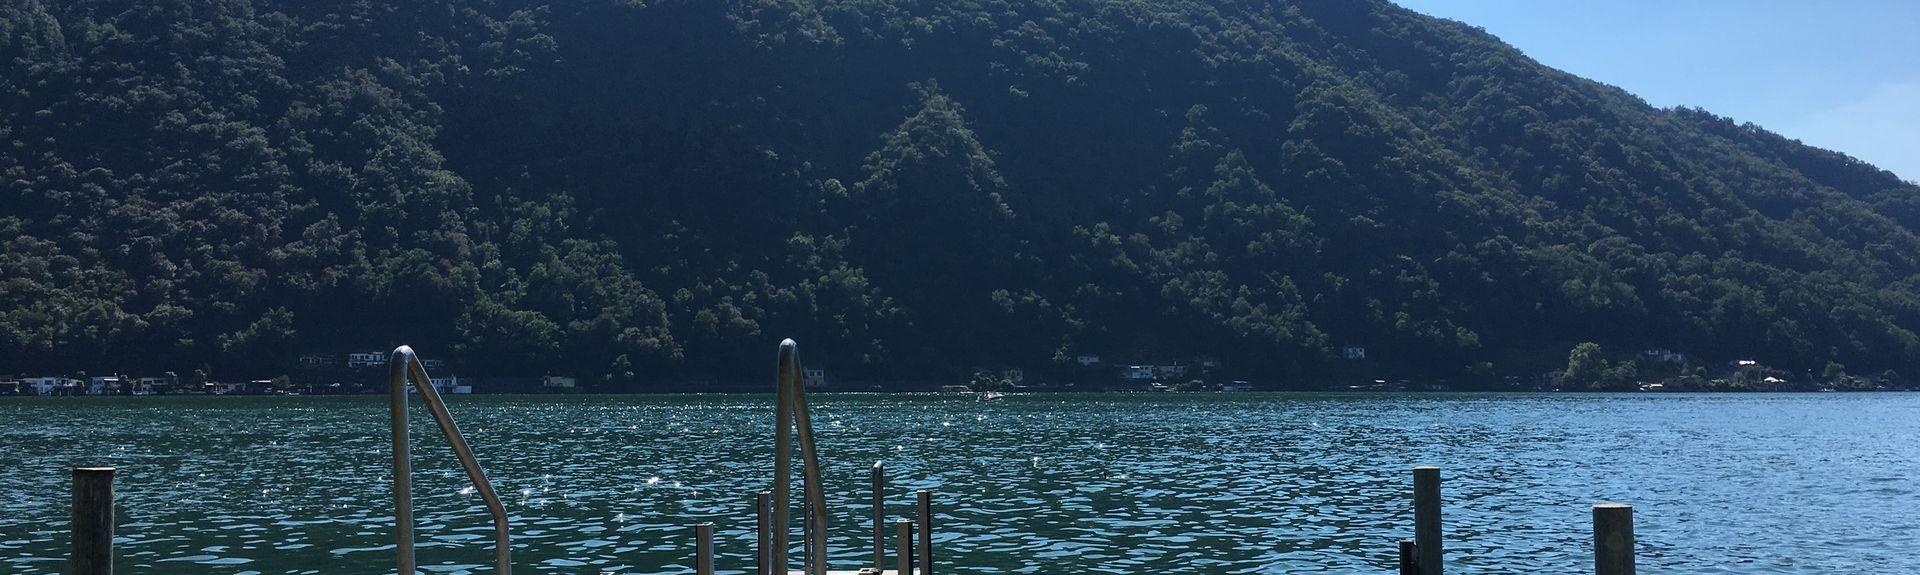 Monte Brè, Lugano, Cantão de Ticino, Suíça